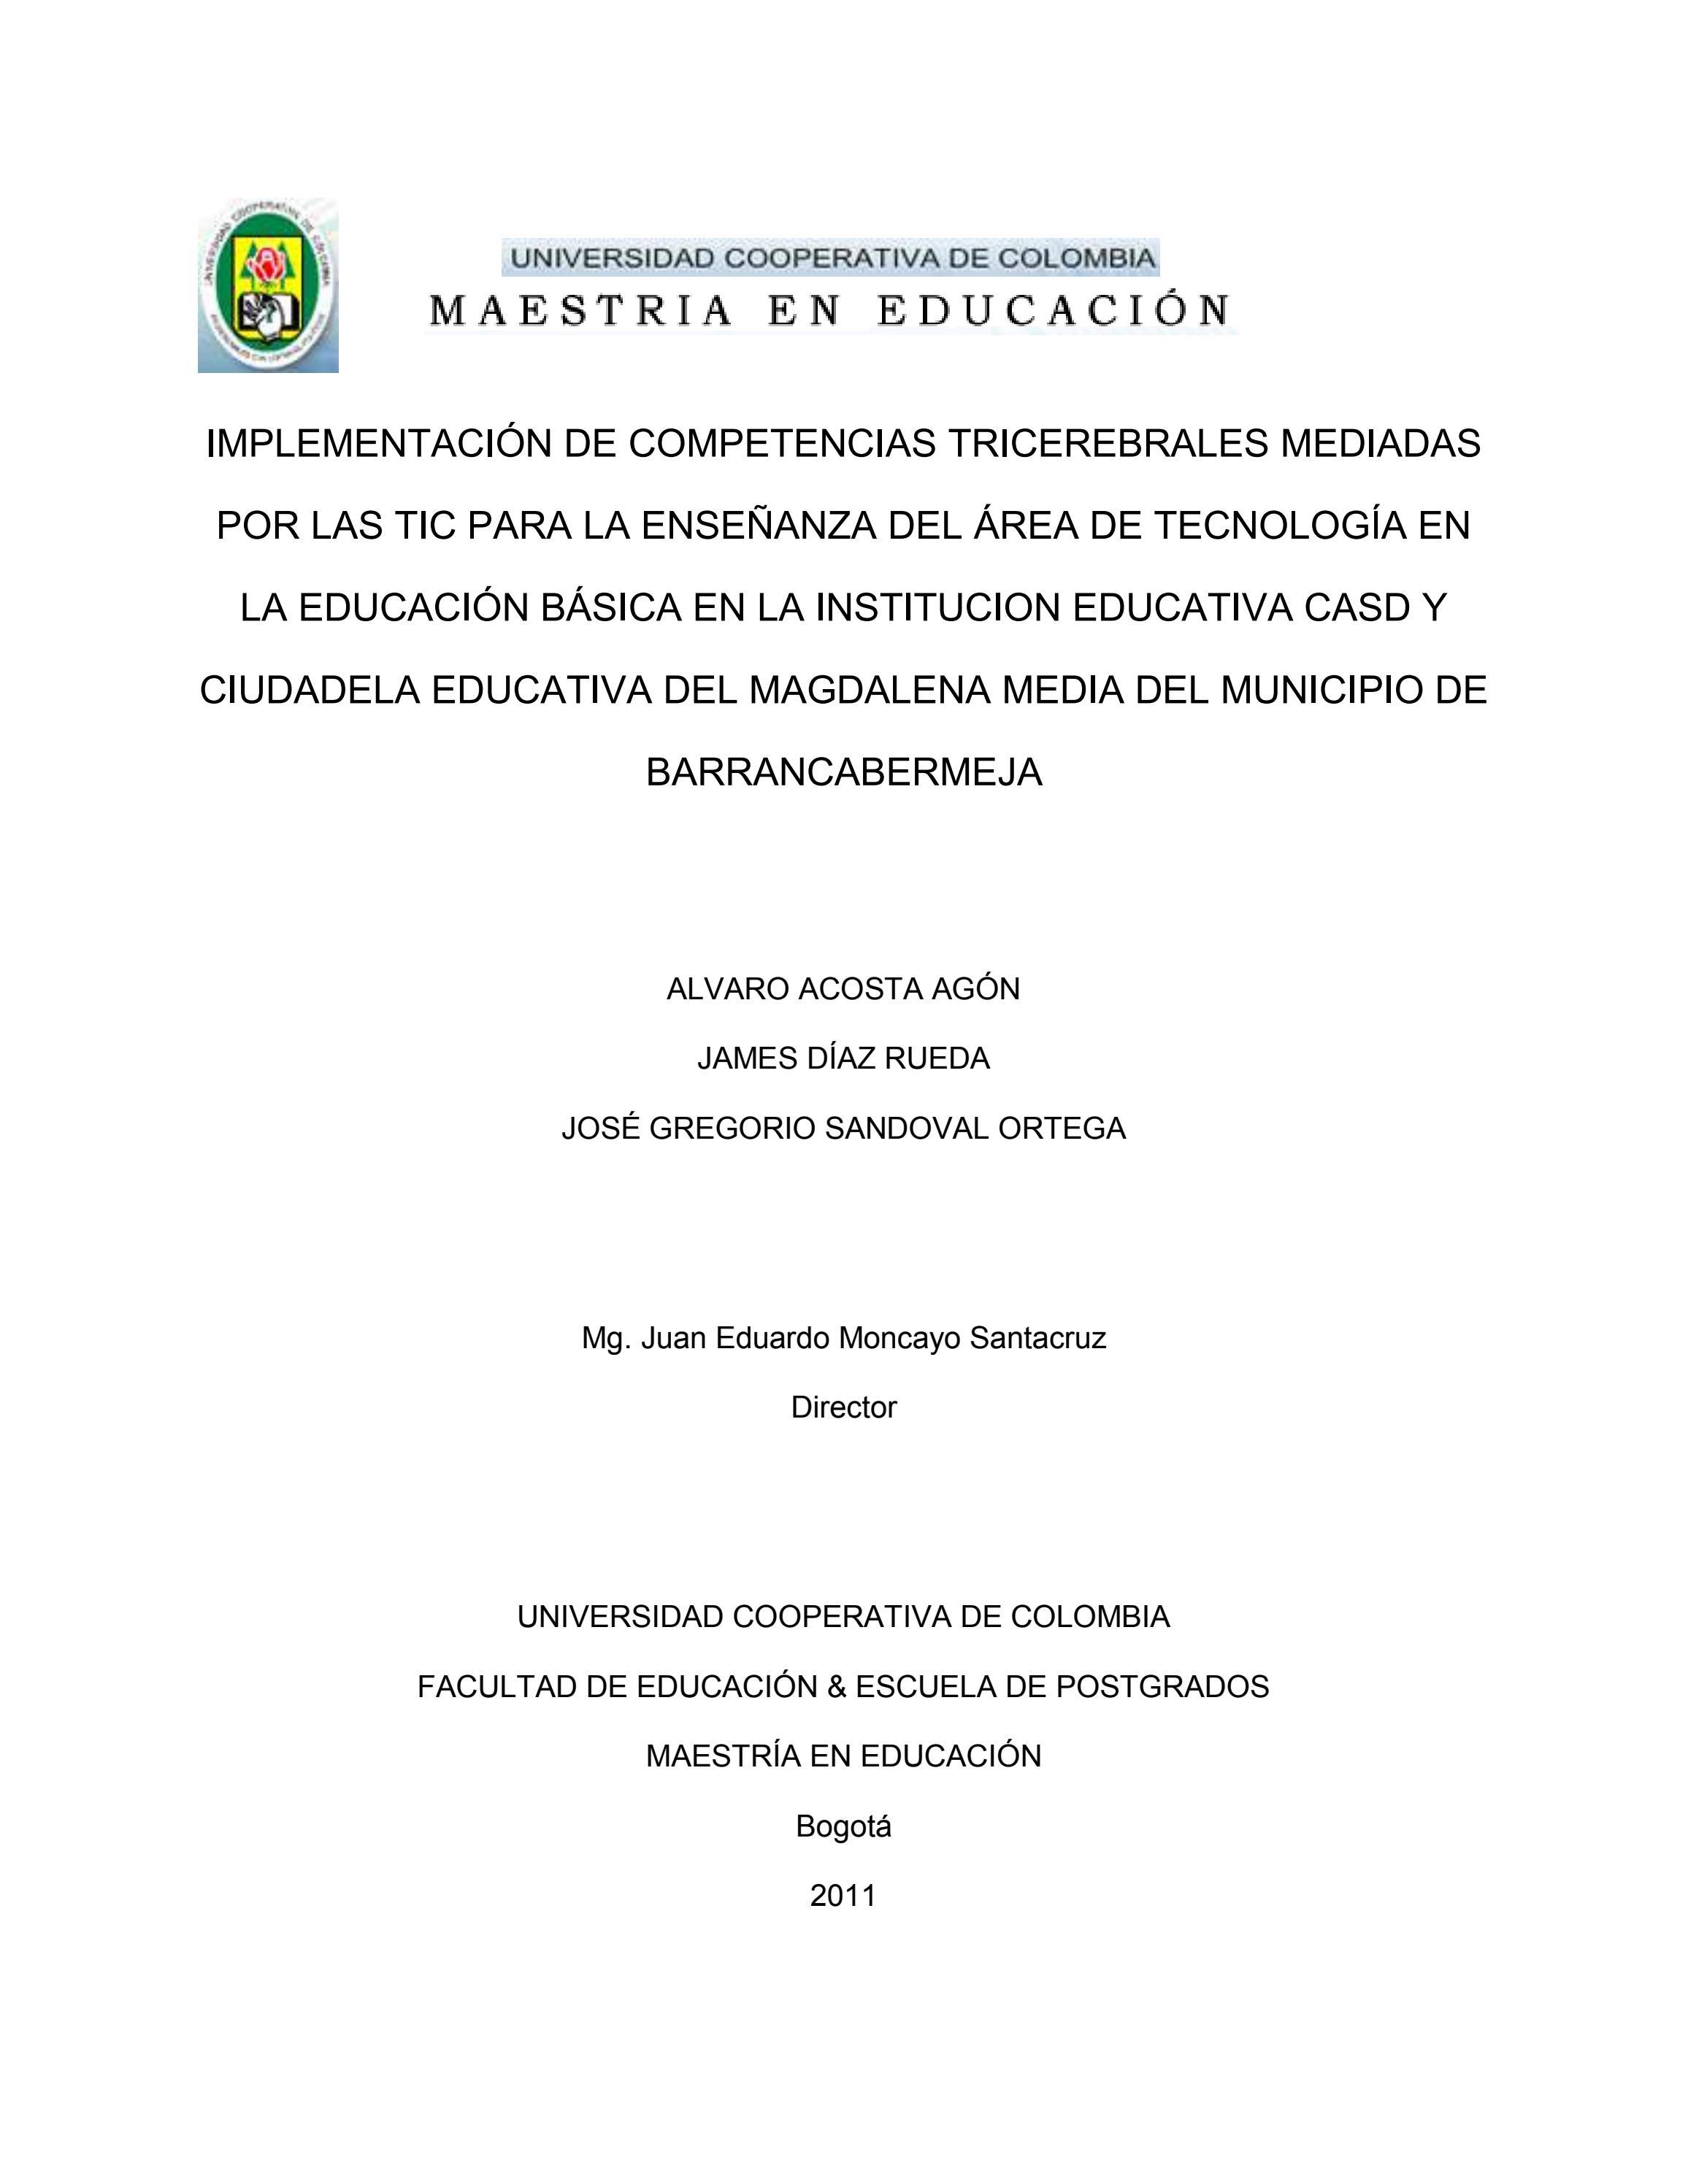 Proyecto de grado para la maestria by jose sandoval - issuu